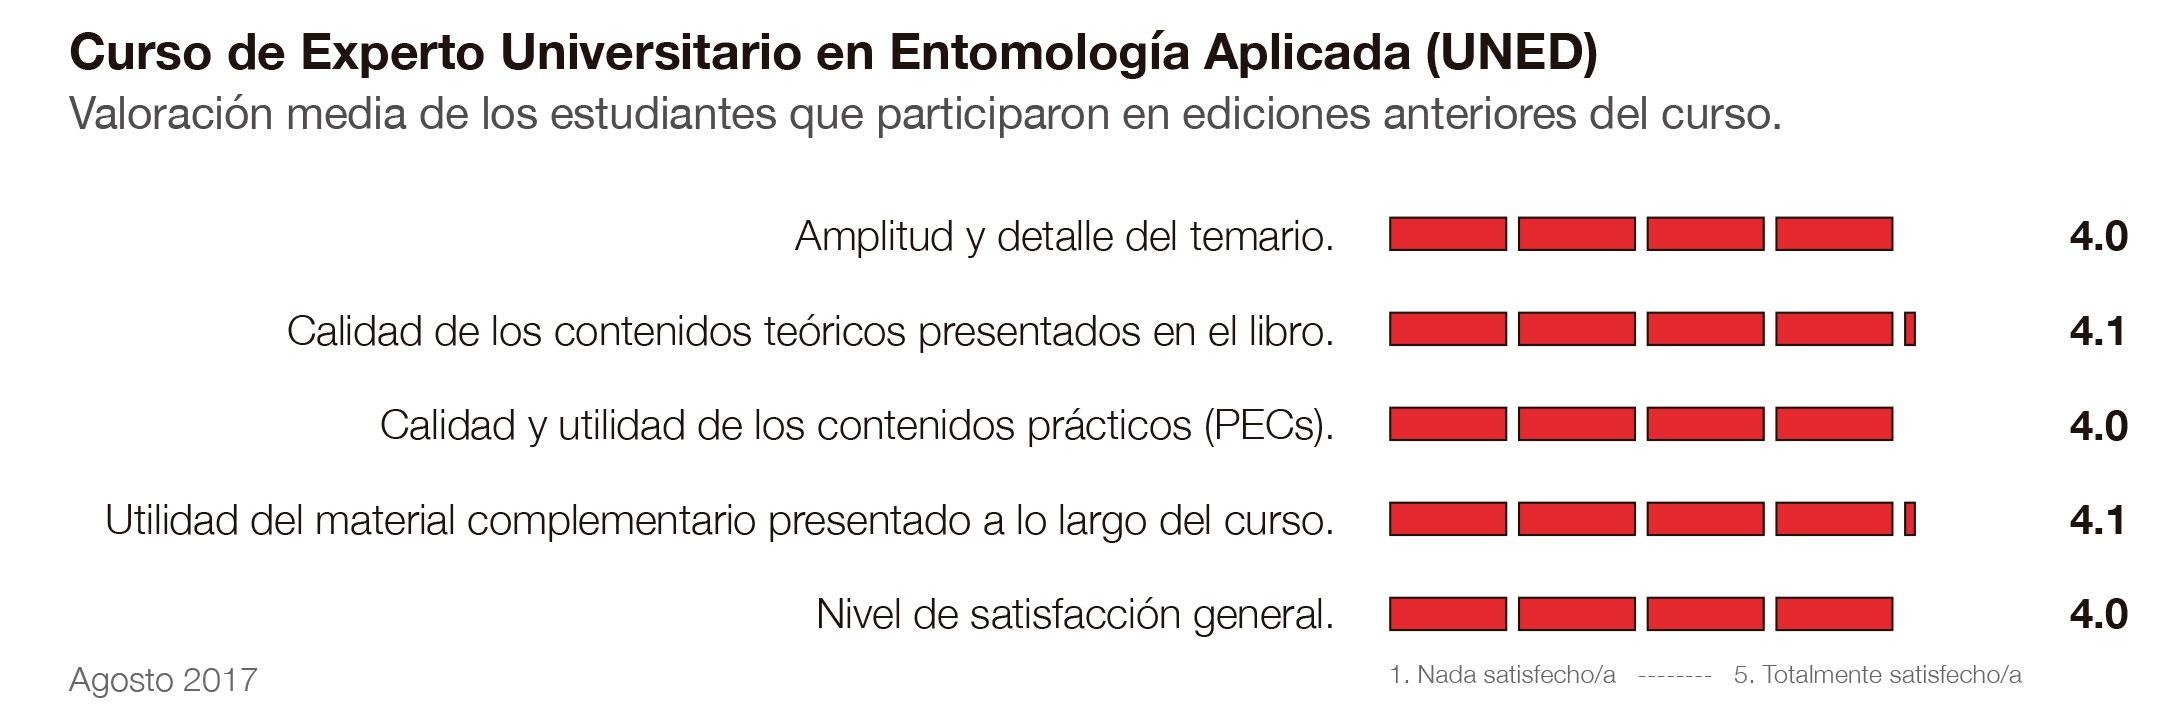 Valoración del Curso de Experto Universitario en Entomología Aplicada (Agosto 2017)